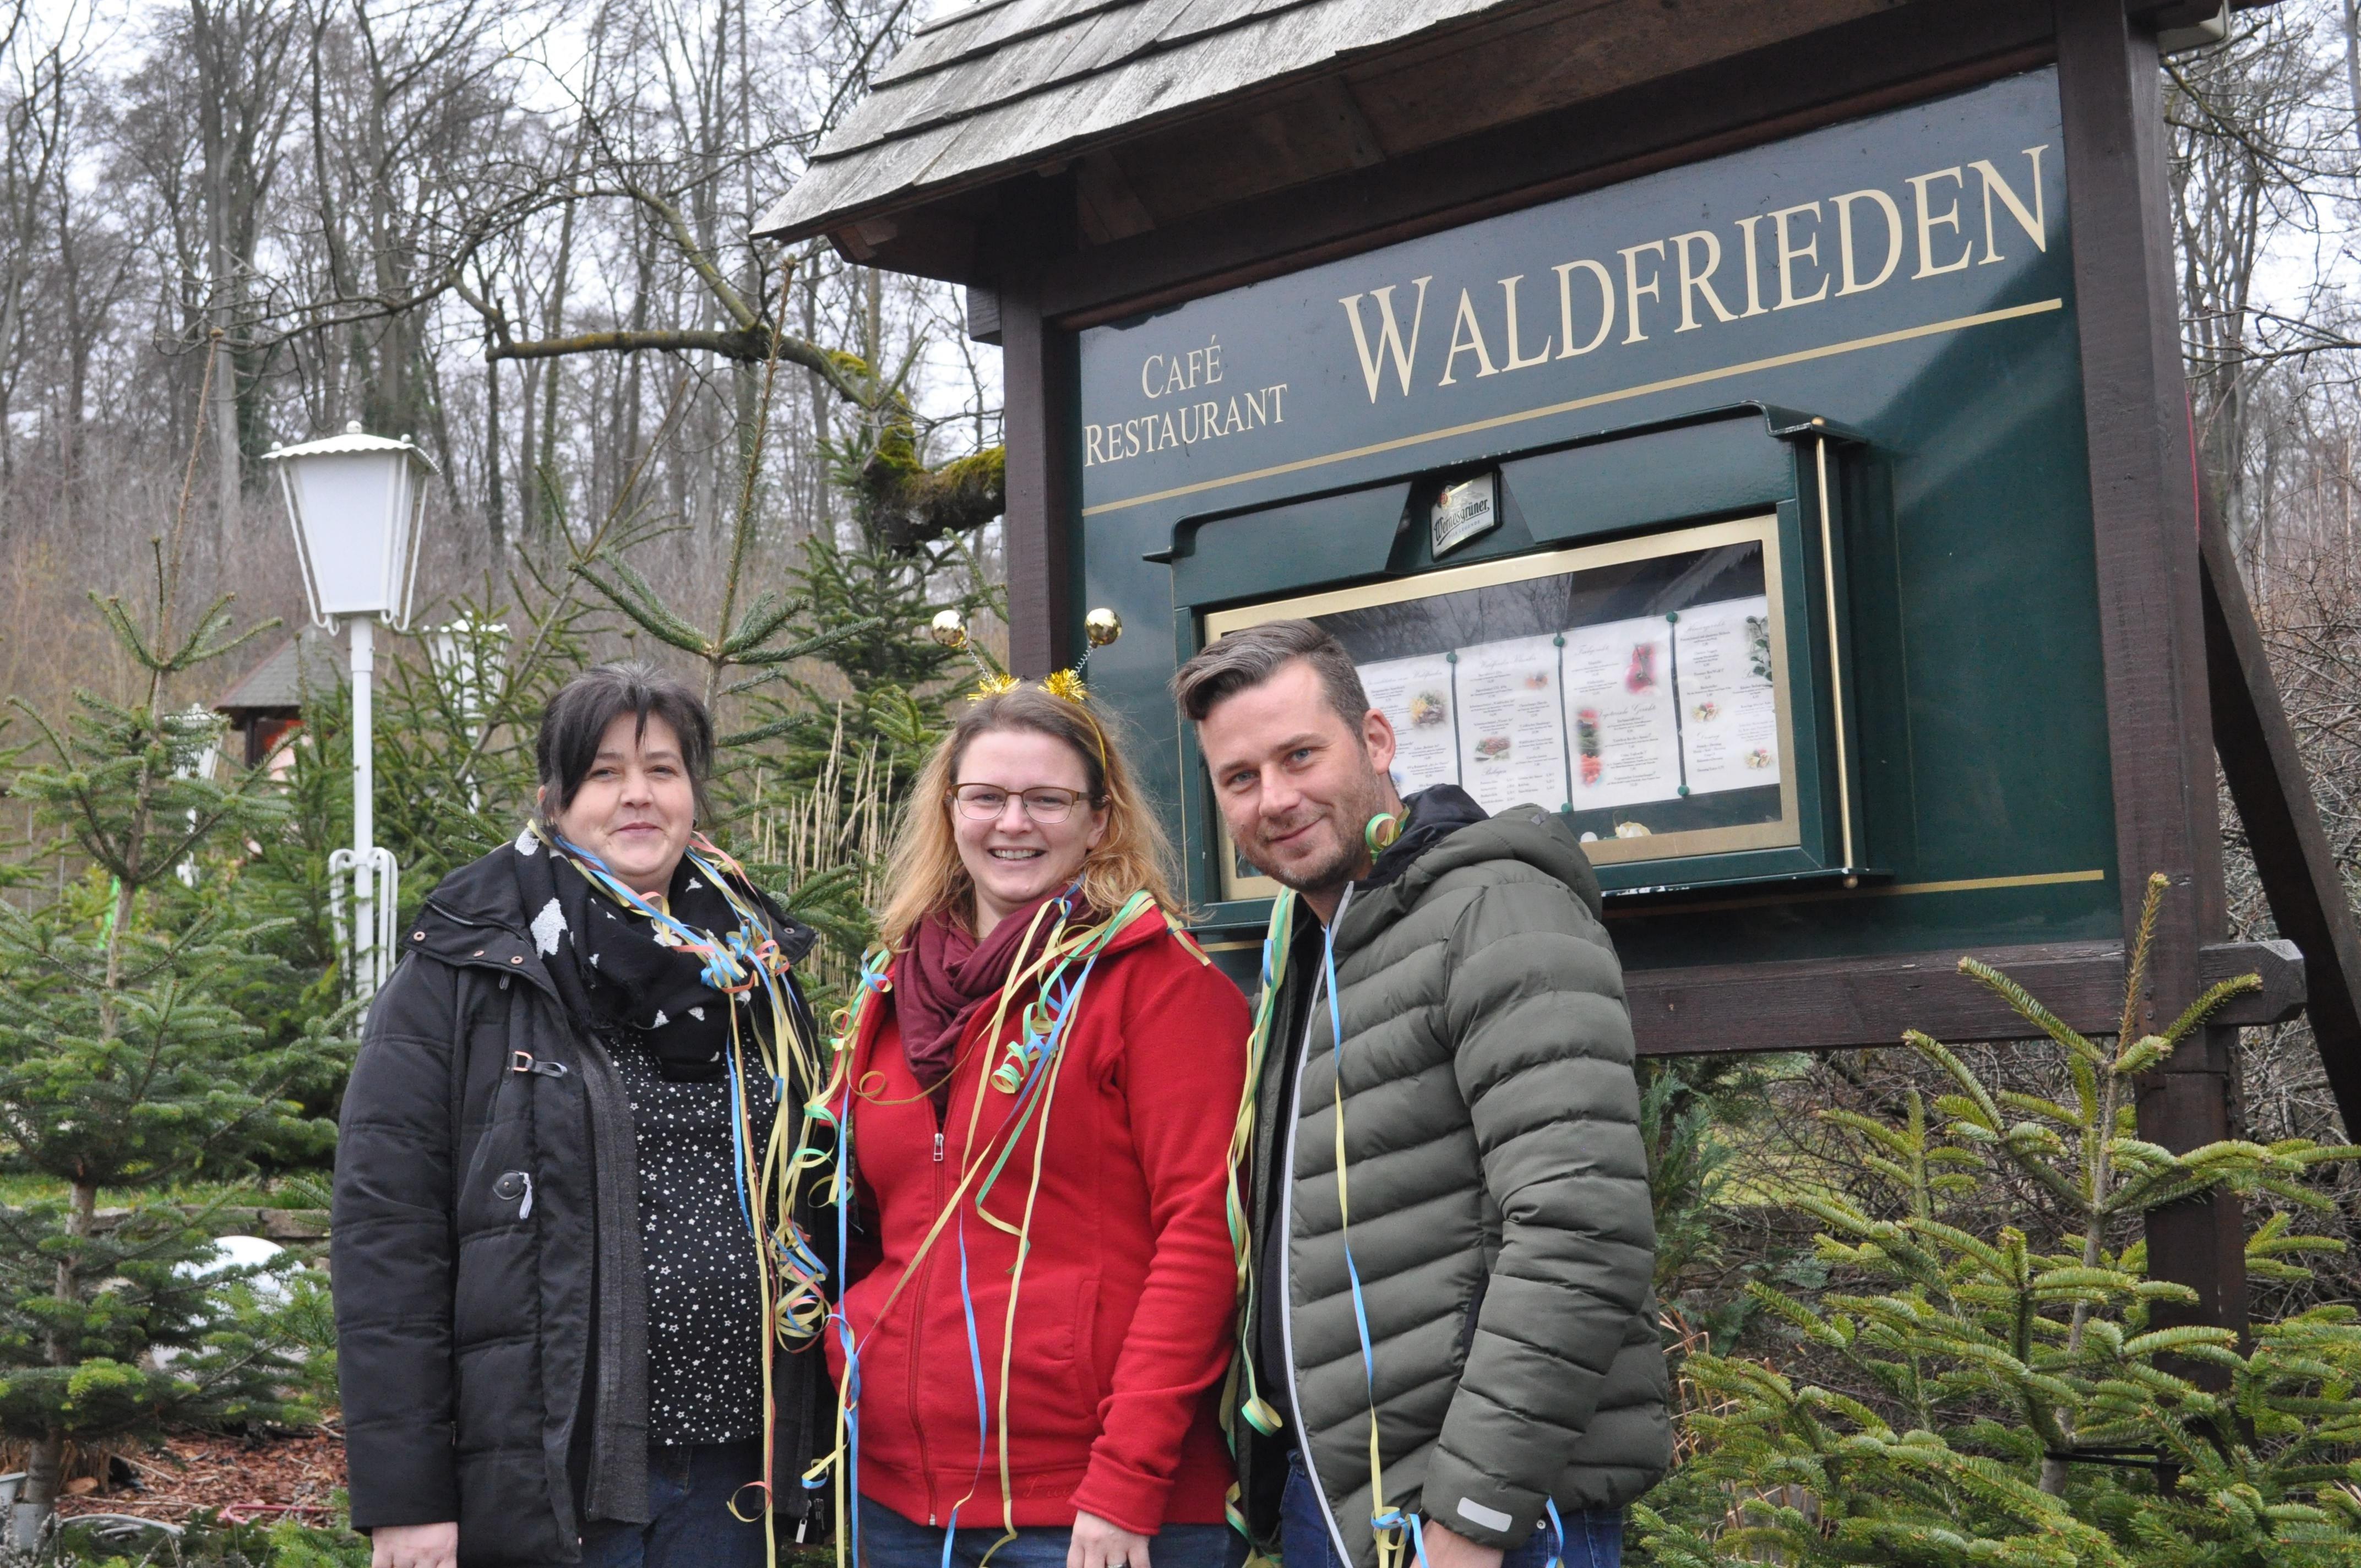 Sandra Müller, Jennifer Winter und Martin Rhode (von links) richten die Kinderfaschingsparty im Esbecker Waldrieden aus.